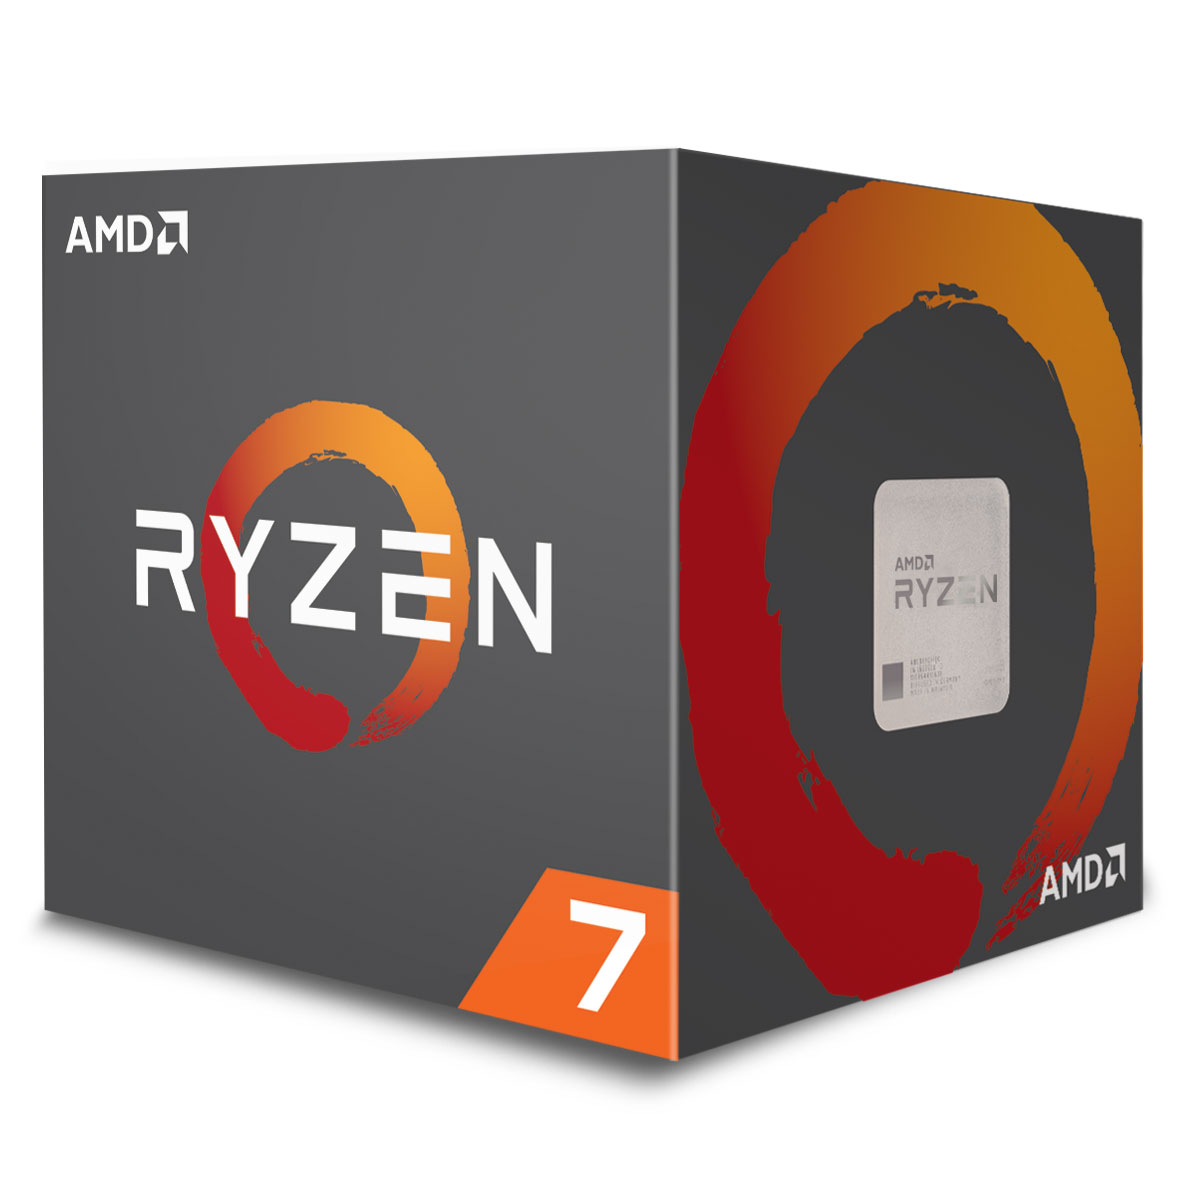 Processeur AMD Ryzen 7 2700 Wraith Spire LED (3.2 GHz) Processeur 8-Core socket AM4 Cache L3 16 Mo 0.012 micron TDP 65W avec système de refroidissement (version boîte - garantie constructeur 3 ans)